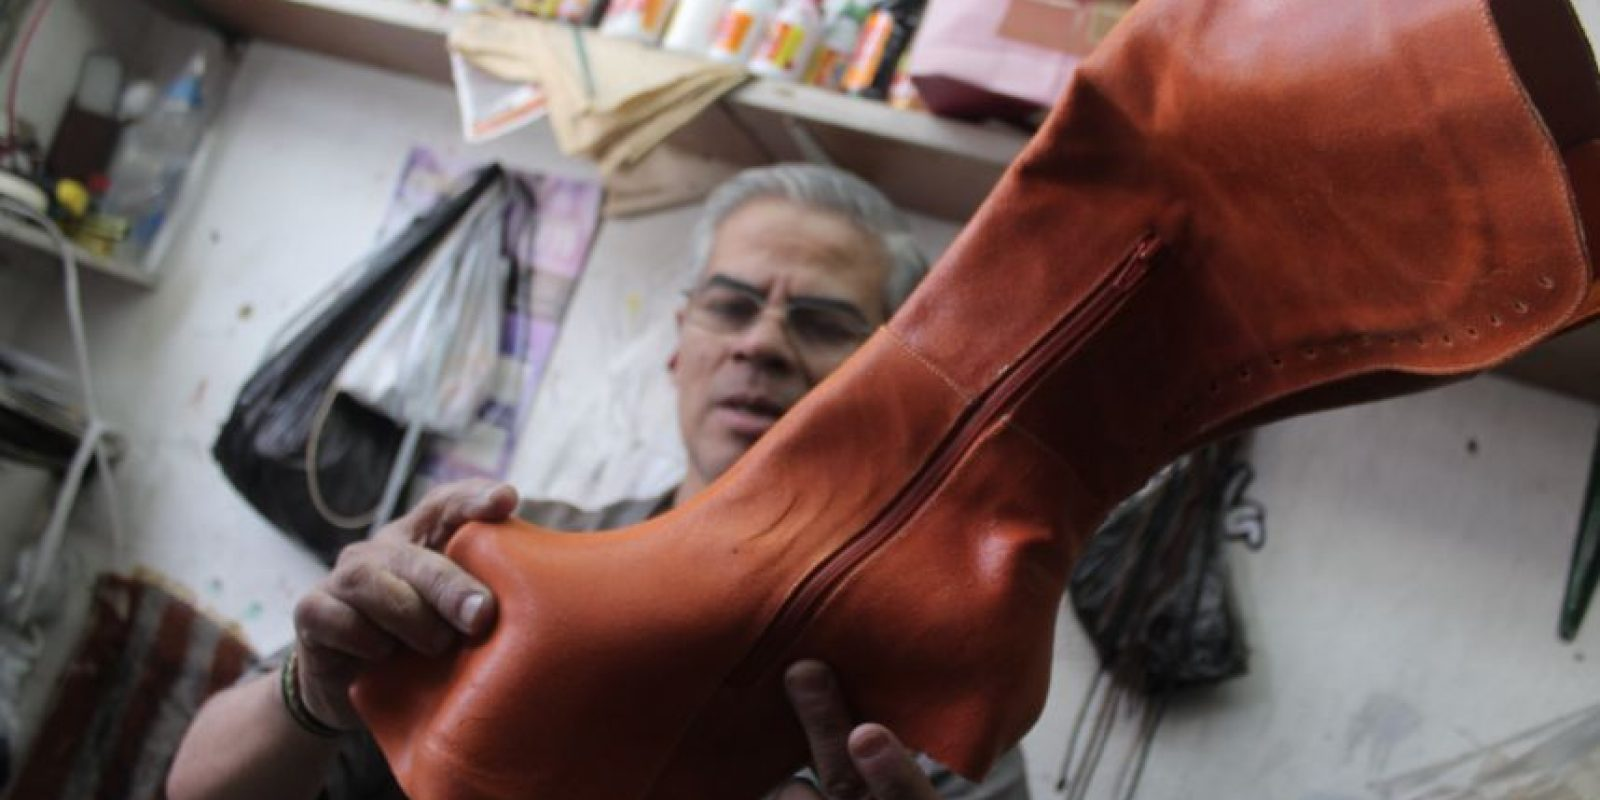 Uno de los trabajadores de la fábrica mientras explica el proceso de elaboración de unos zapatos personalizados. Foto:Sofía Toscano- Publimetro